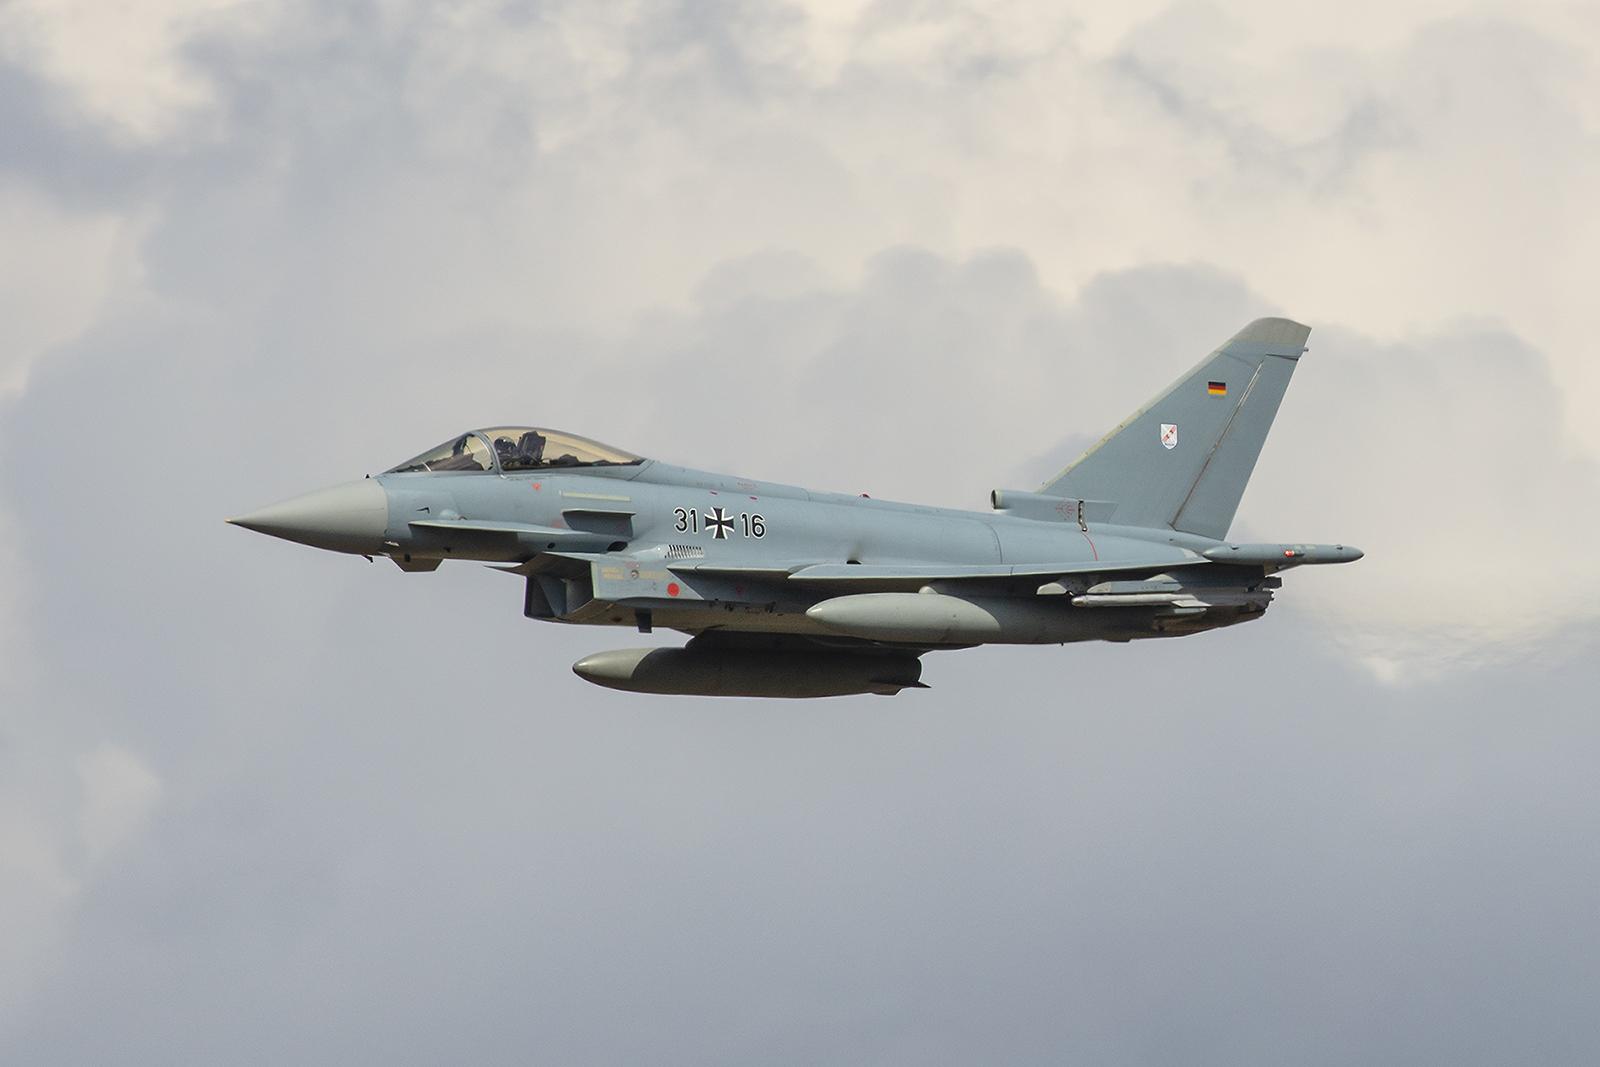 Der Eurofighter Typhoon im Lowpass.